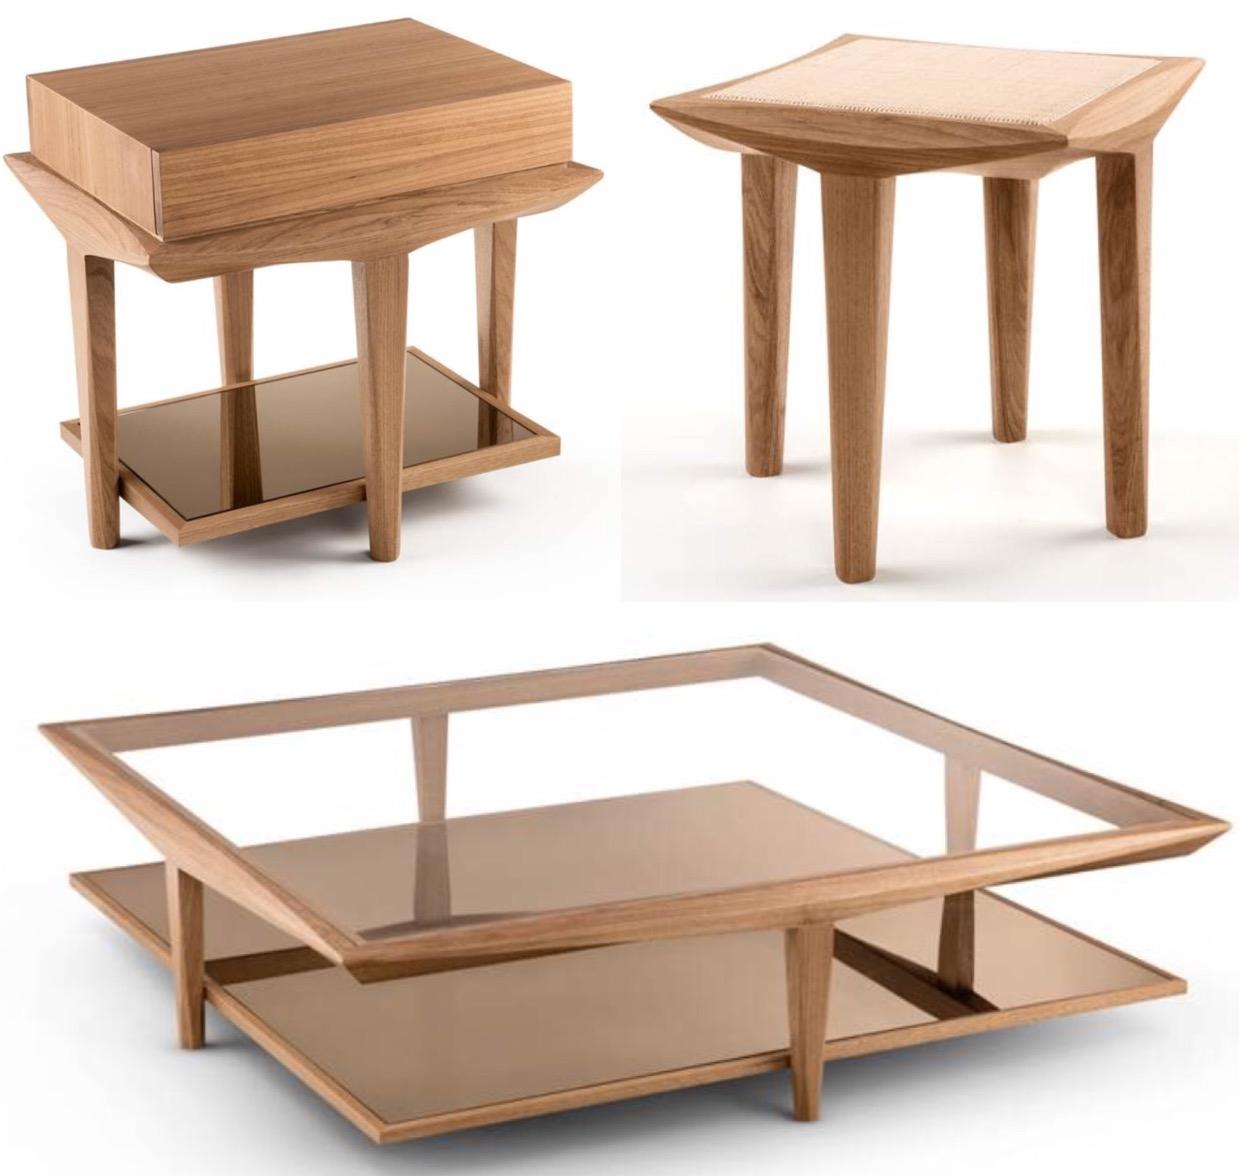 Novo Ambiente recebe linha de móveis assinada pelo designer Luia Mantelli.